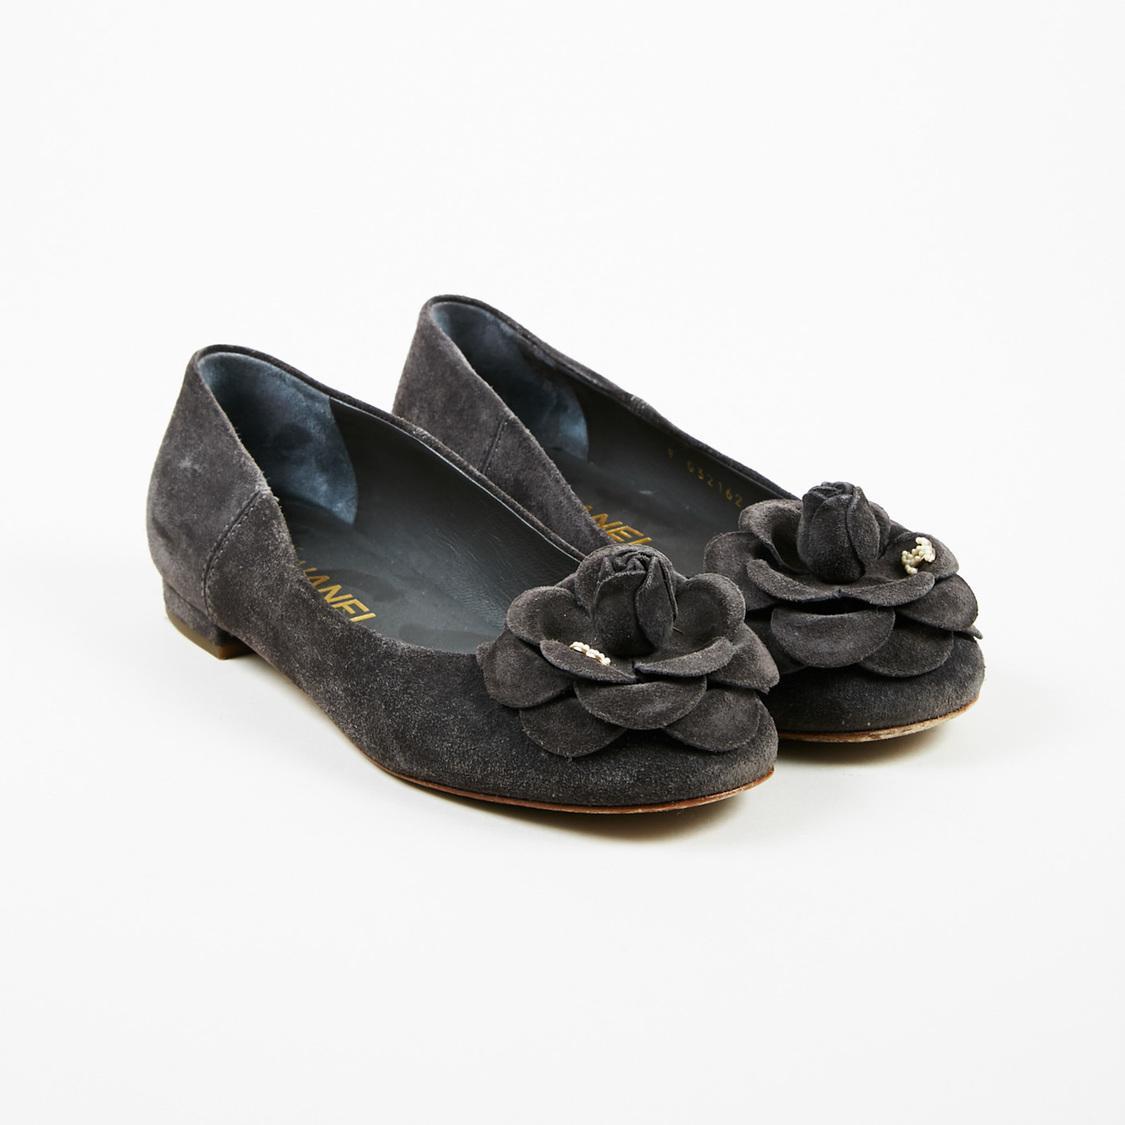 43328d62d Lyst - Chanel Gray Suede Faux Pearl 'cc' Camellia Flower Ballet ...